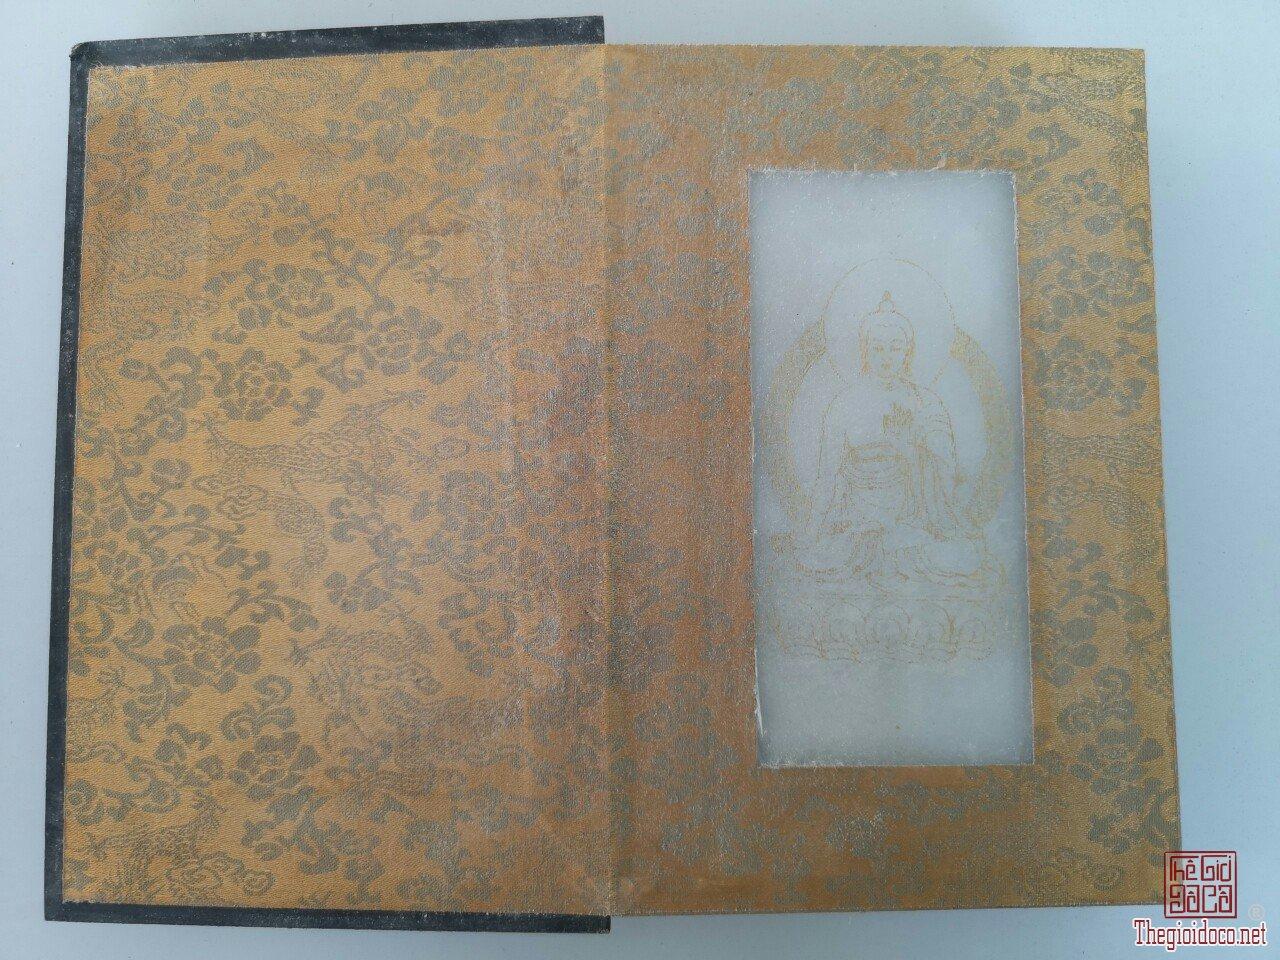 Sách kinh đá ngọc 1 quý hiếm độc lạ hàng hiếm giá khuyến mại 1,5 triệu 1 quyển